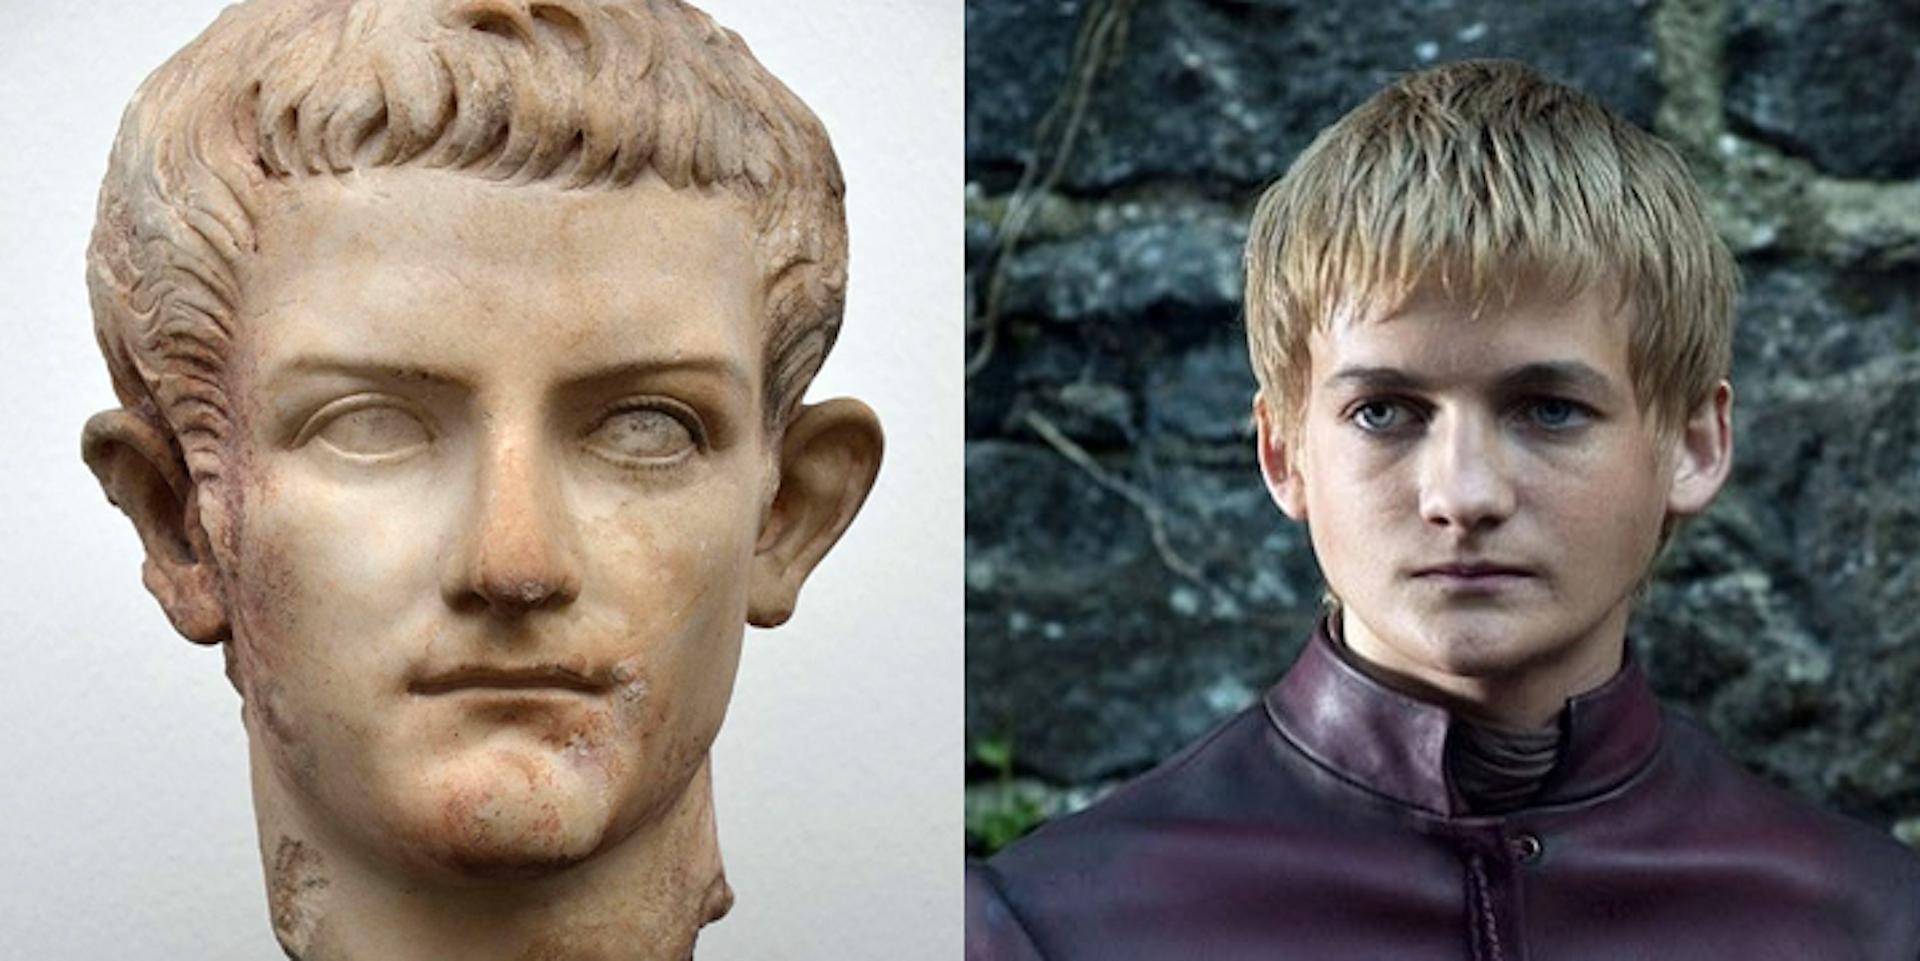 Caligula (en mármol, Ny Carlsberg Glyptotek, Copenhague) y Joffrey Baratheon interpretado por Jack Gleeson (Juego de Tronos, HBO).Author provided